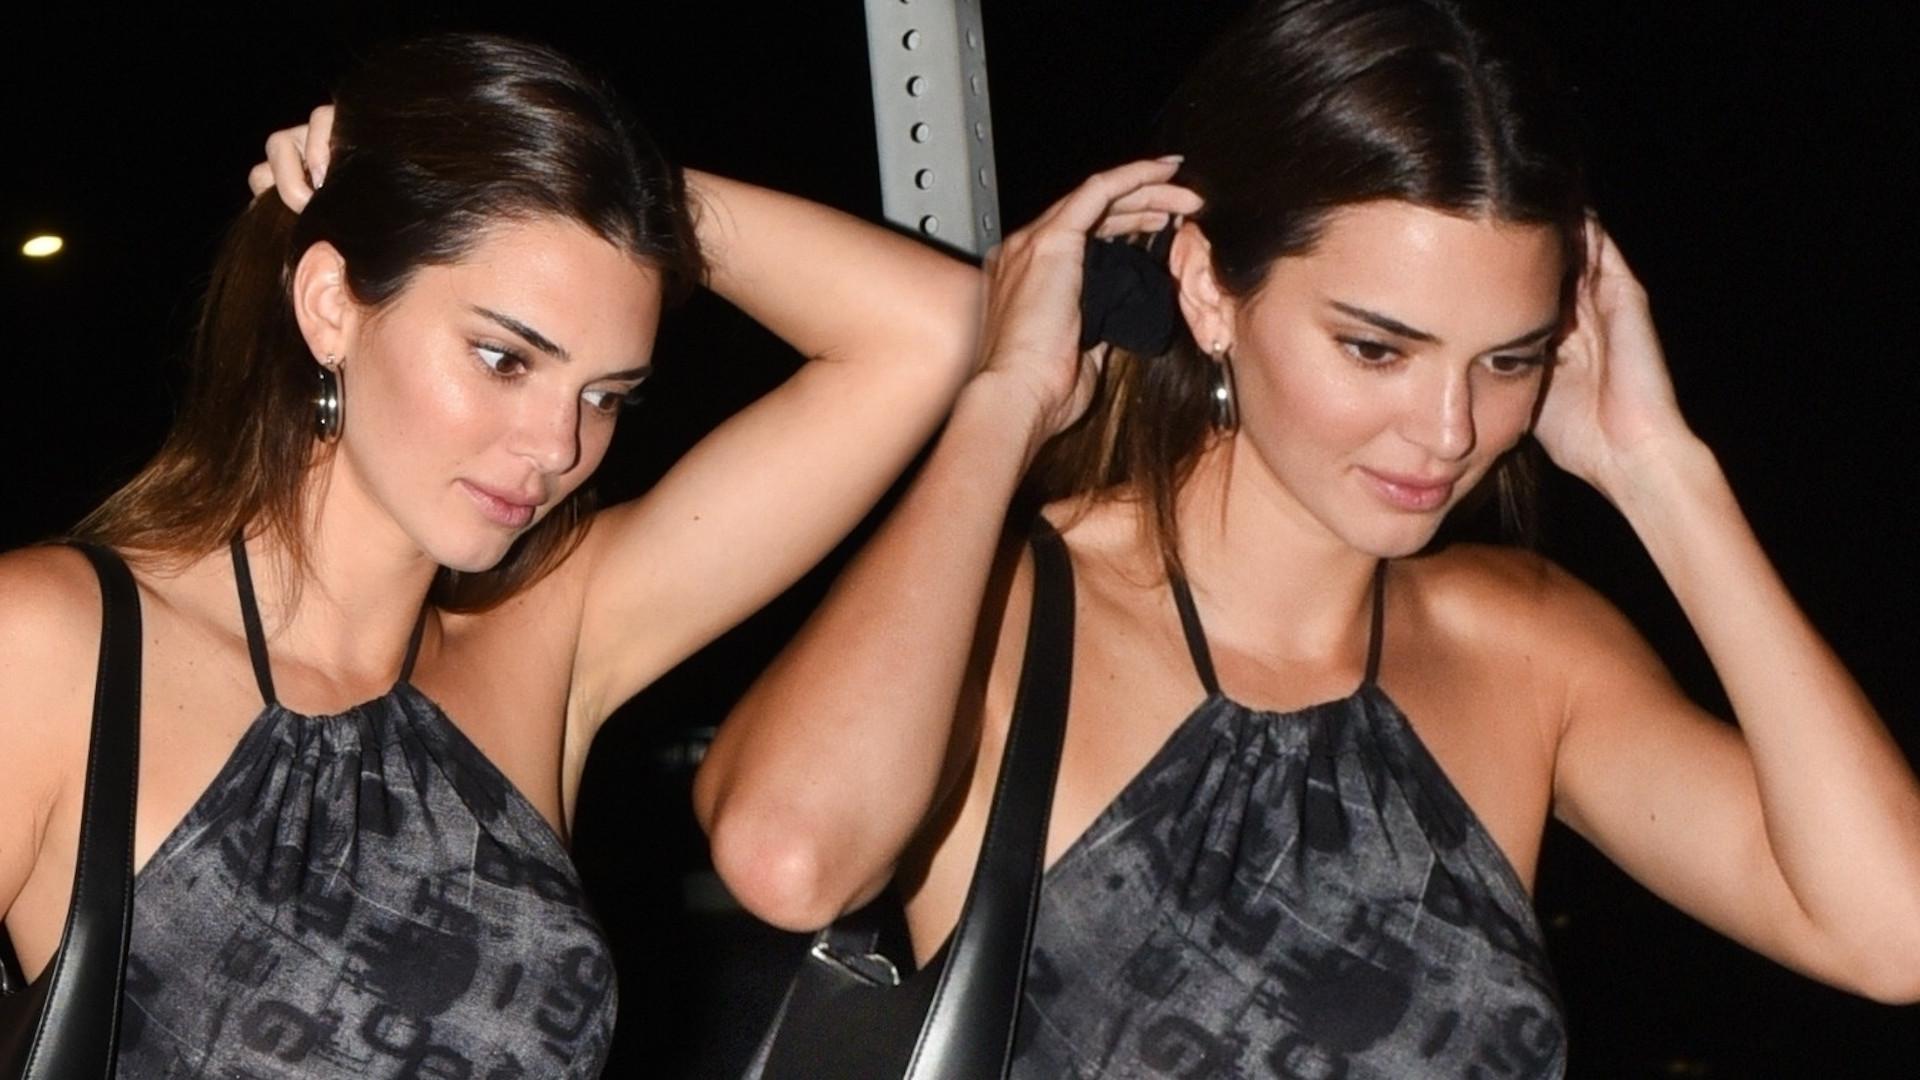 Kendall została ostatnio SKRYTYKOWANA za strój do restauracji. Tym razem wyglądała lepiej?